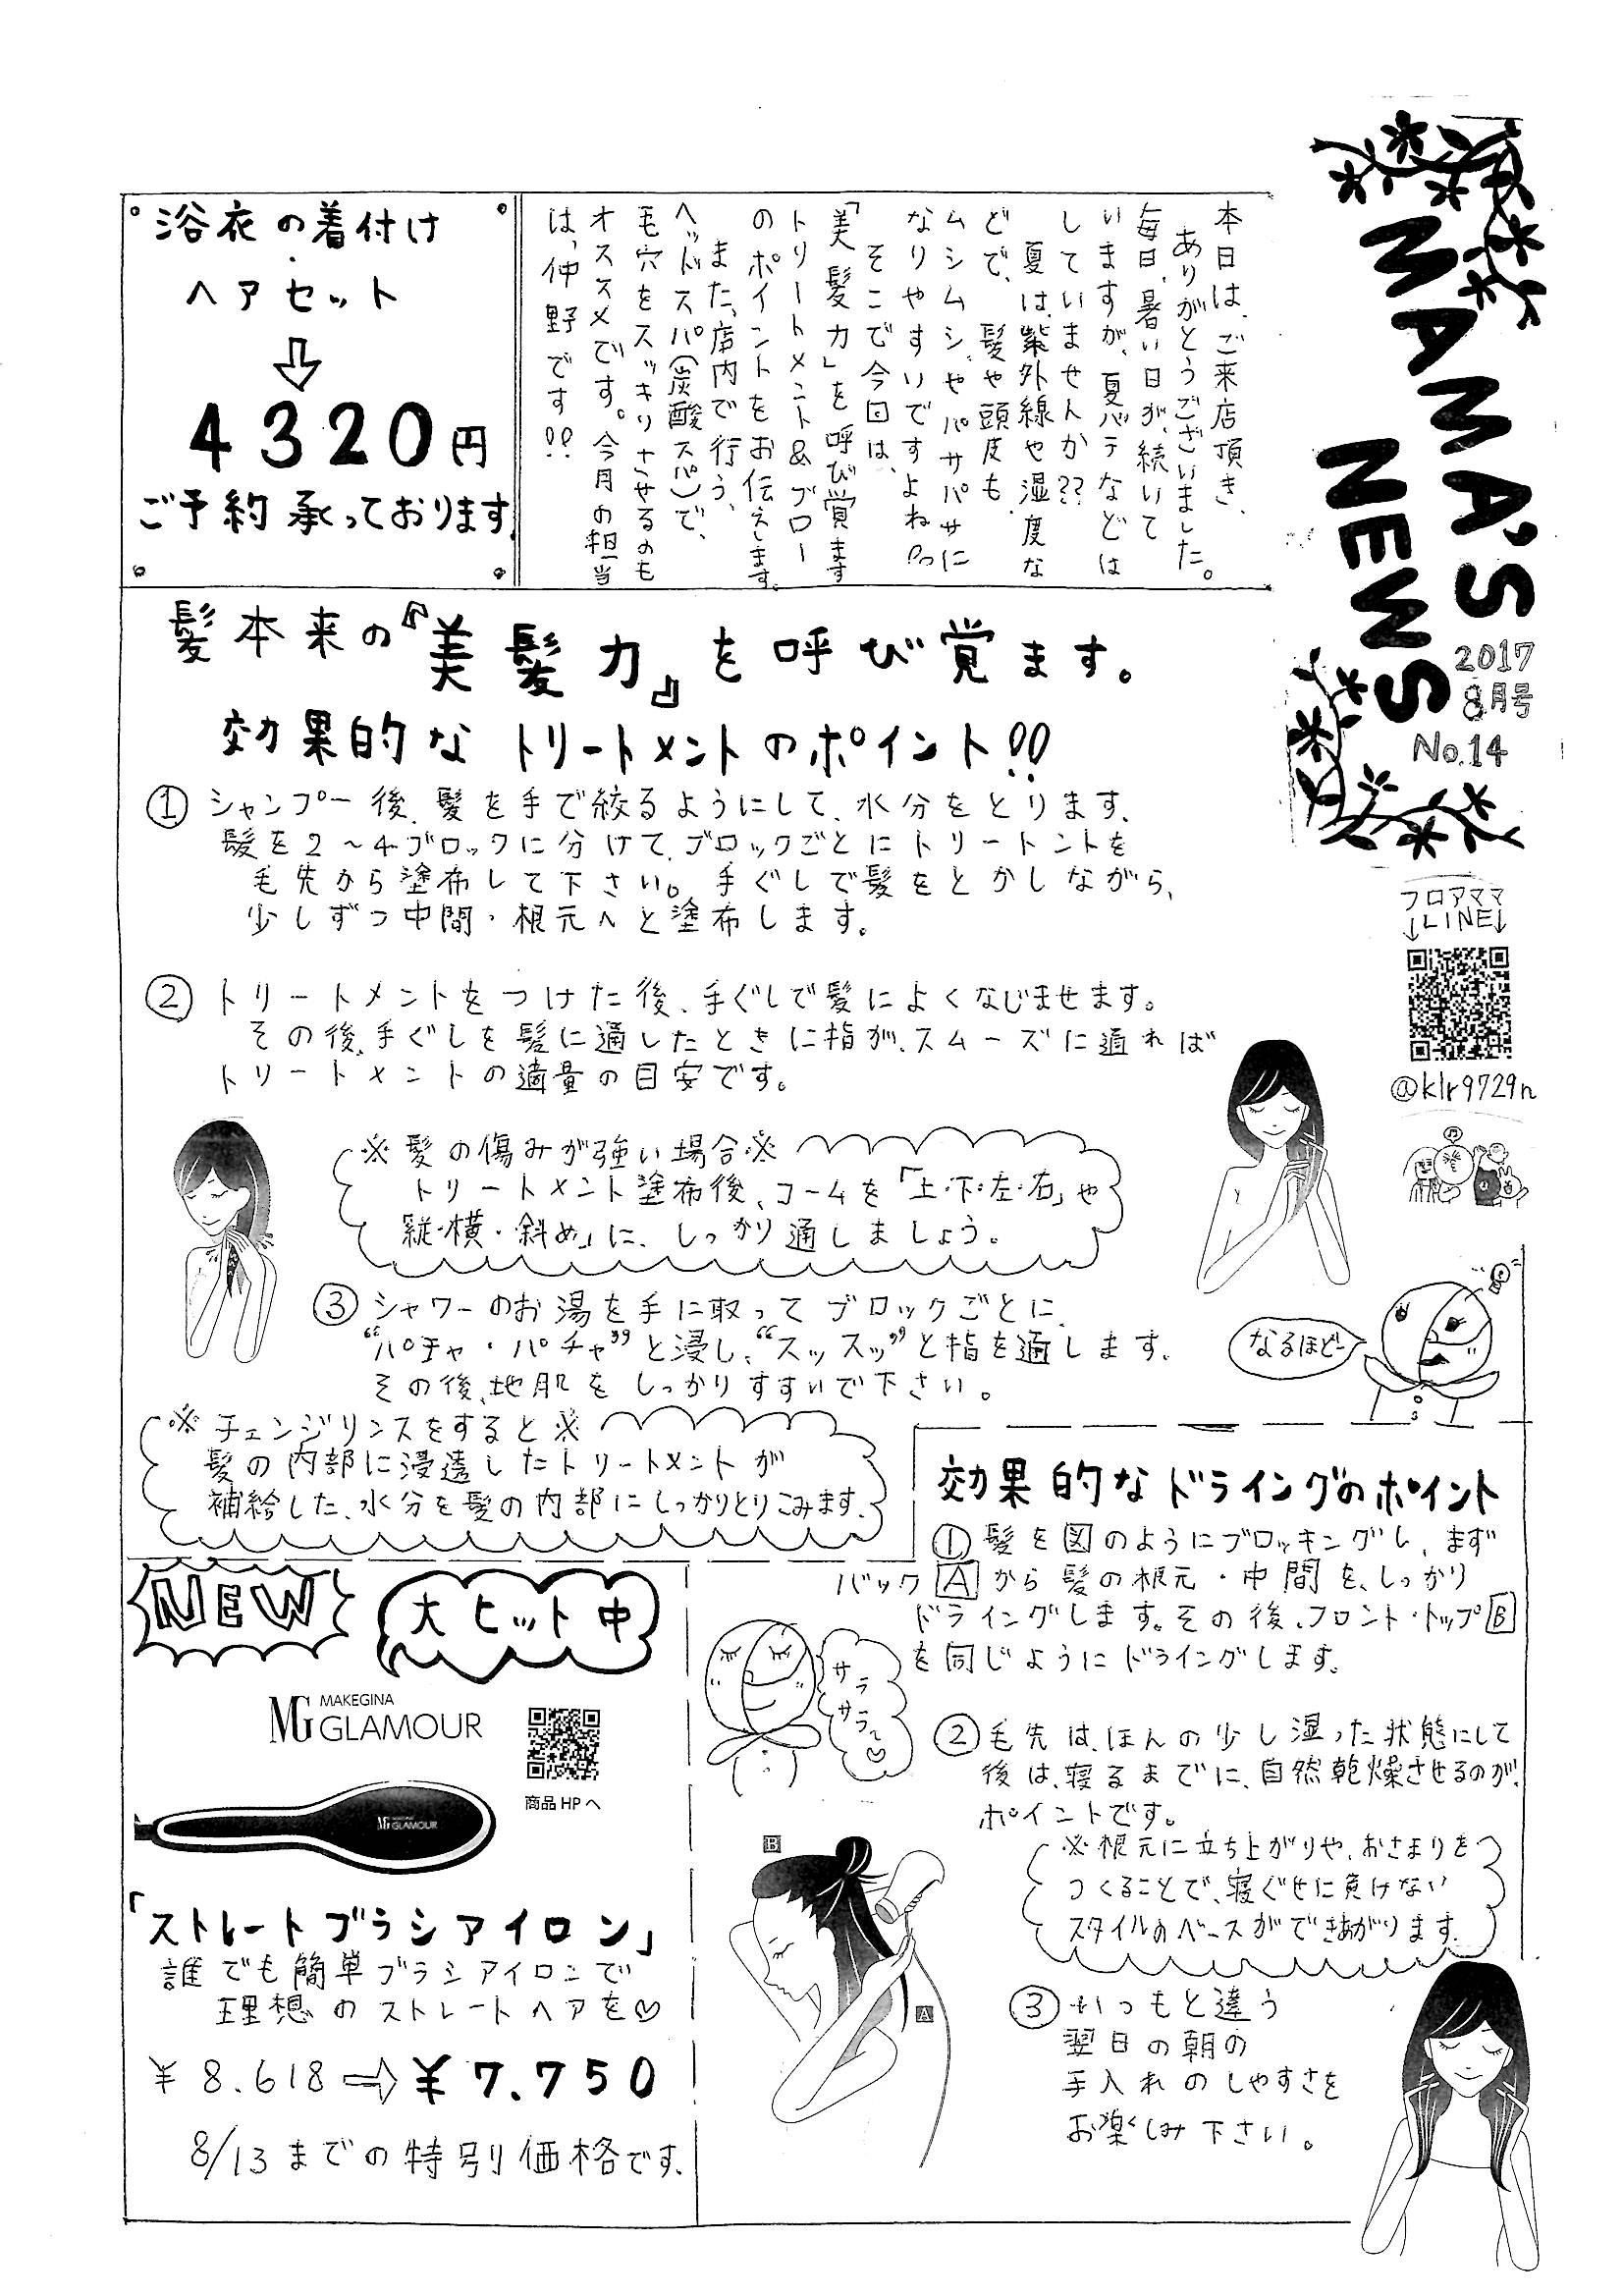 MAMA'S NEWS 2017年4月号@福岡市東区箱崎の美容室・フロアママ